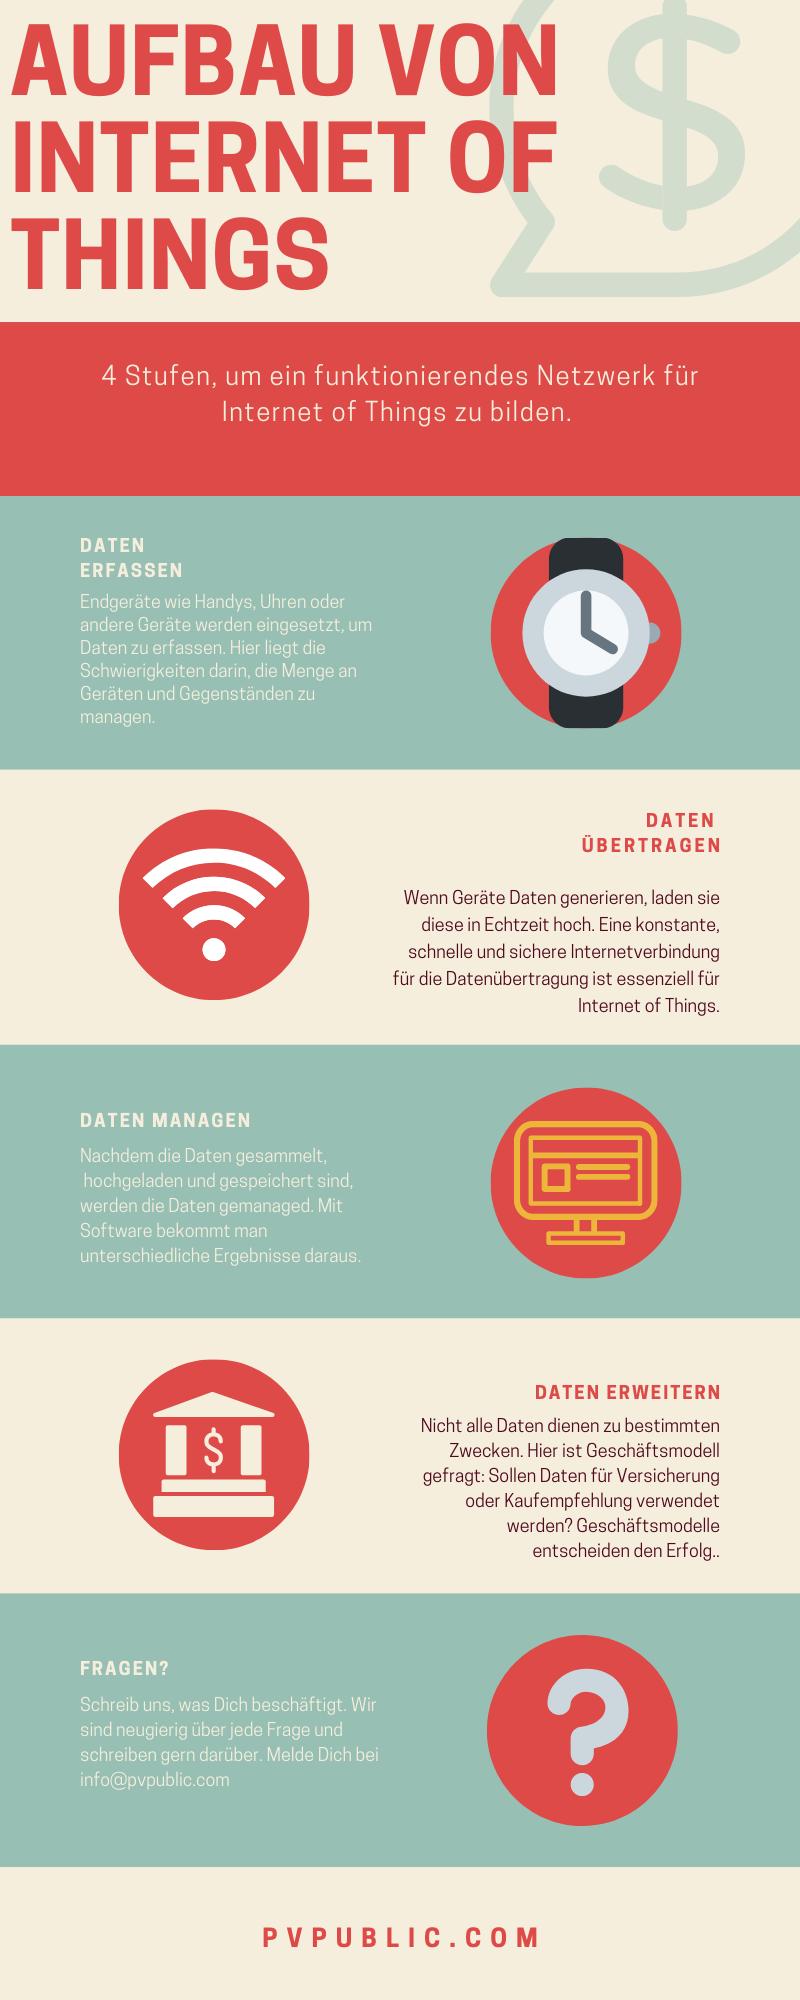 Aufbau Internet of Things / Internet der Dinge